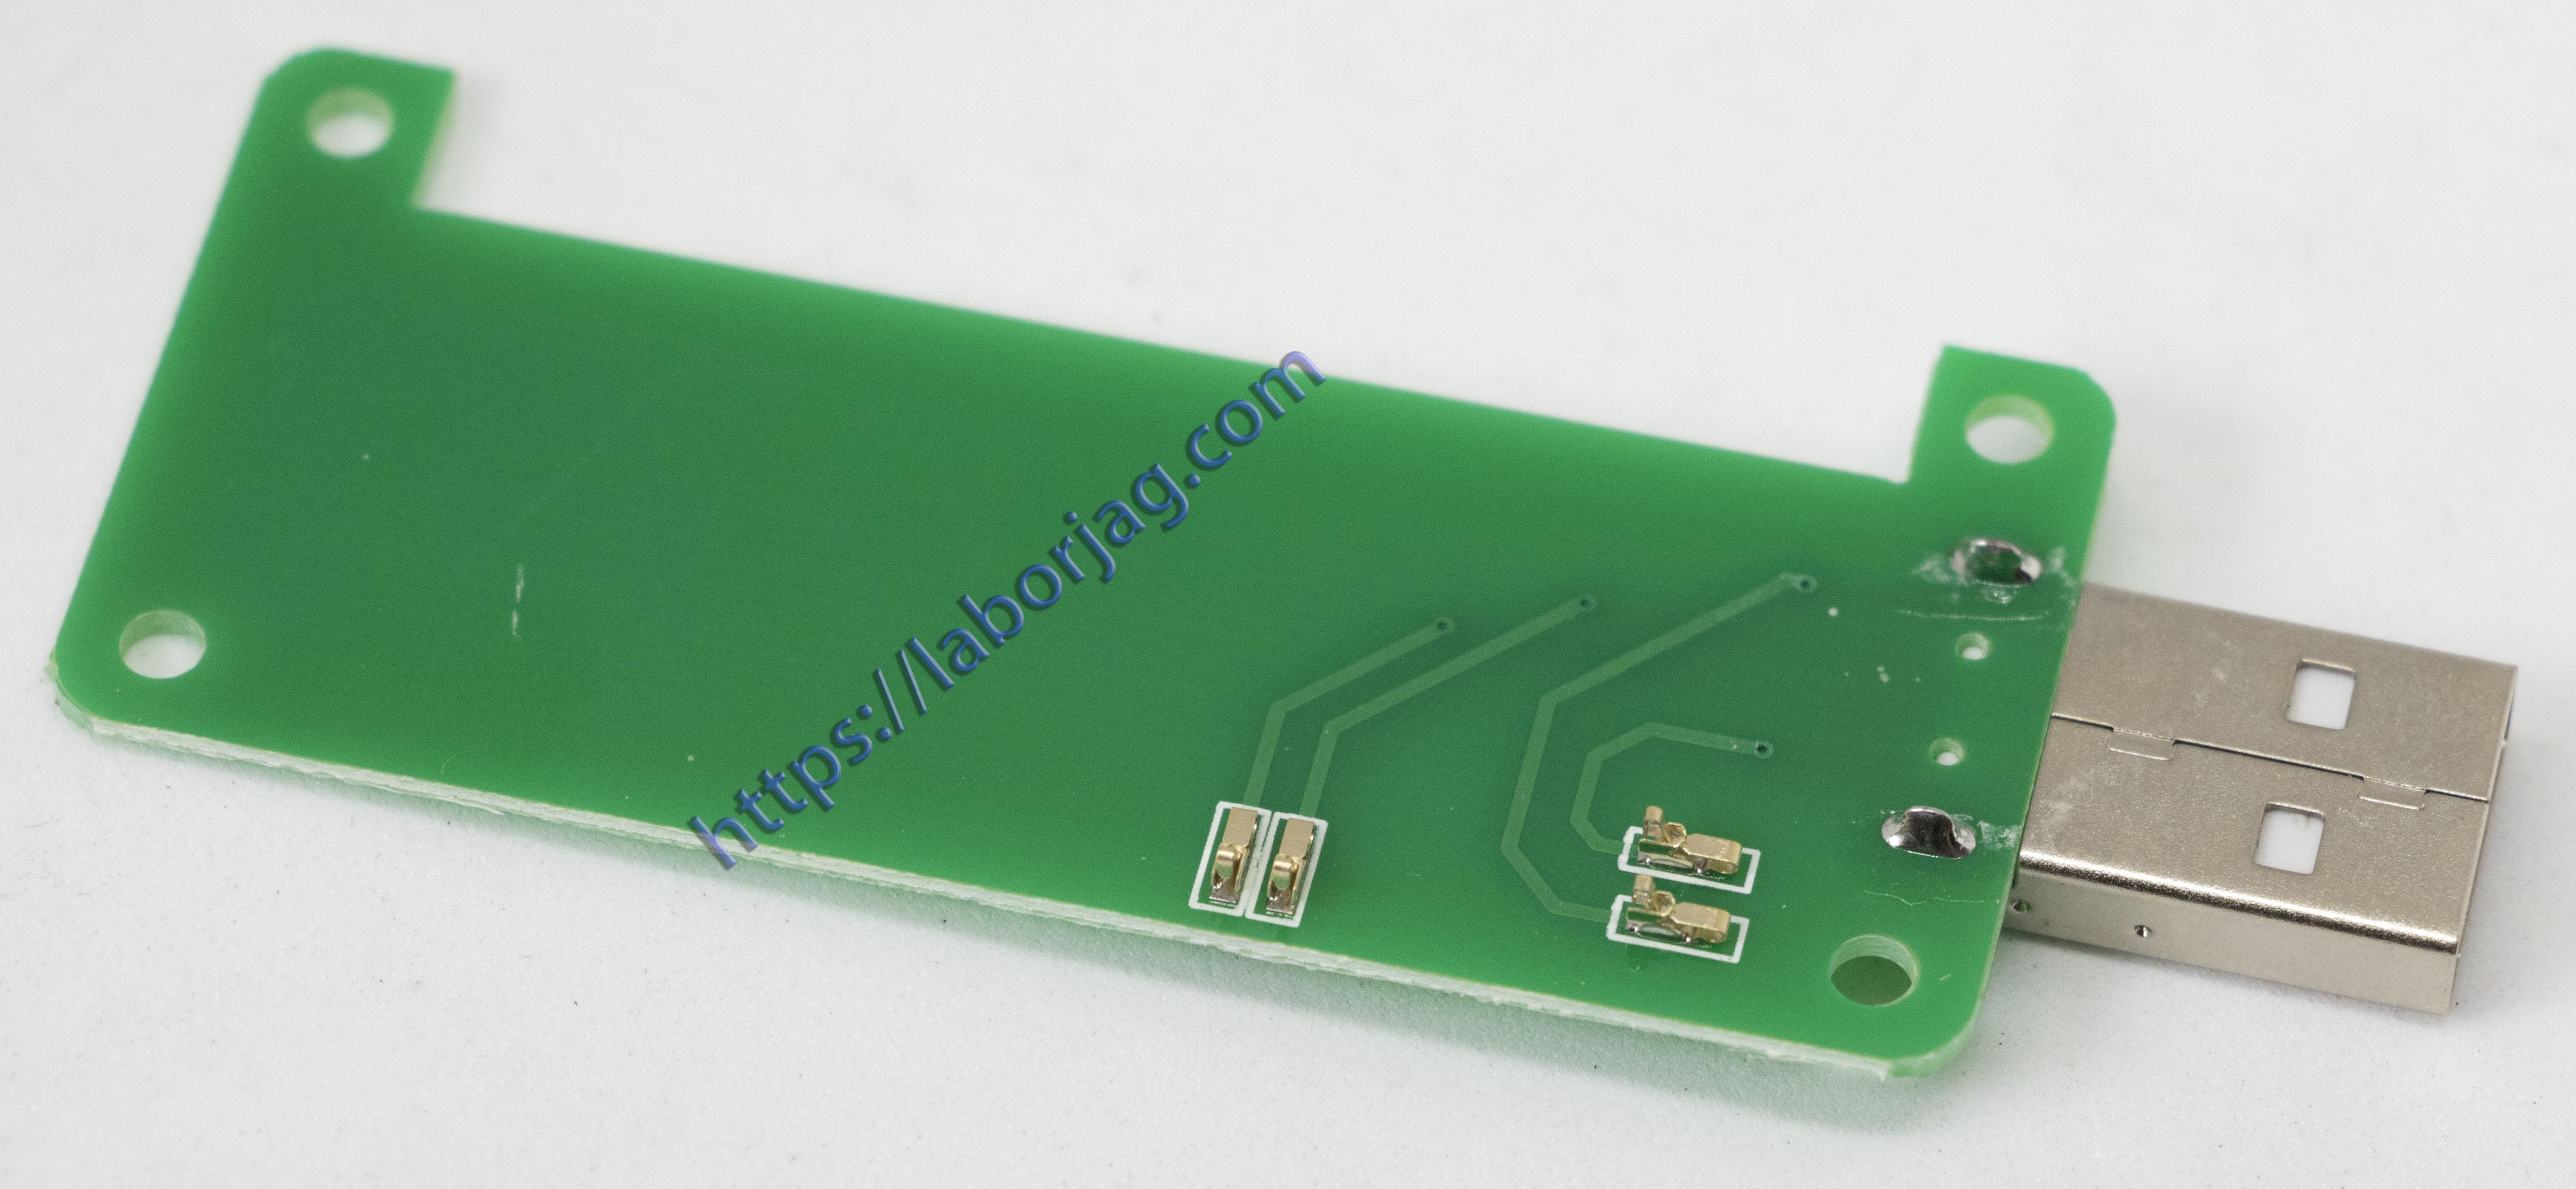 Raspberry Pi Zero W USB-A Addon Board   Borja Home Page